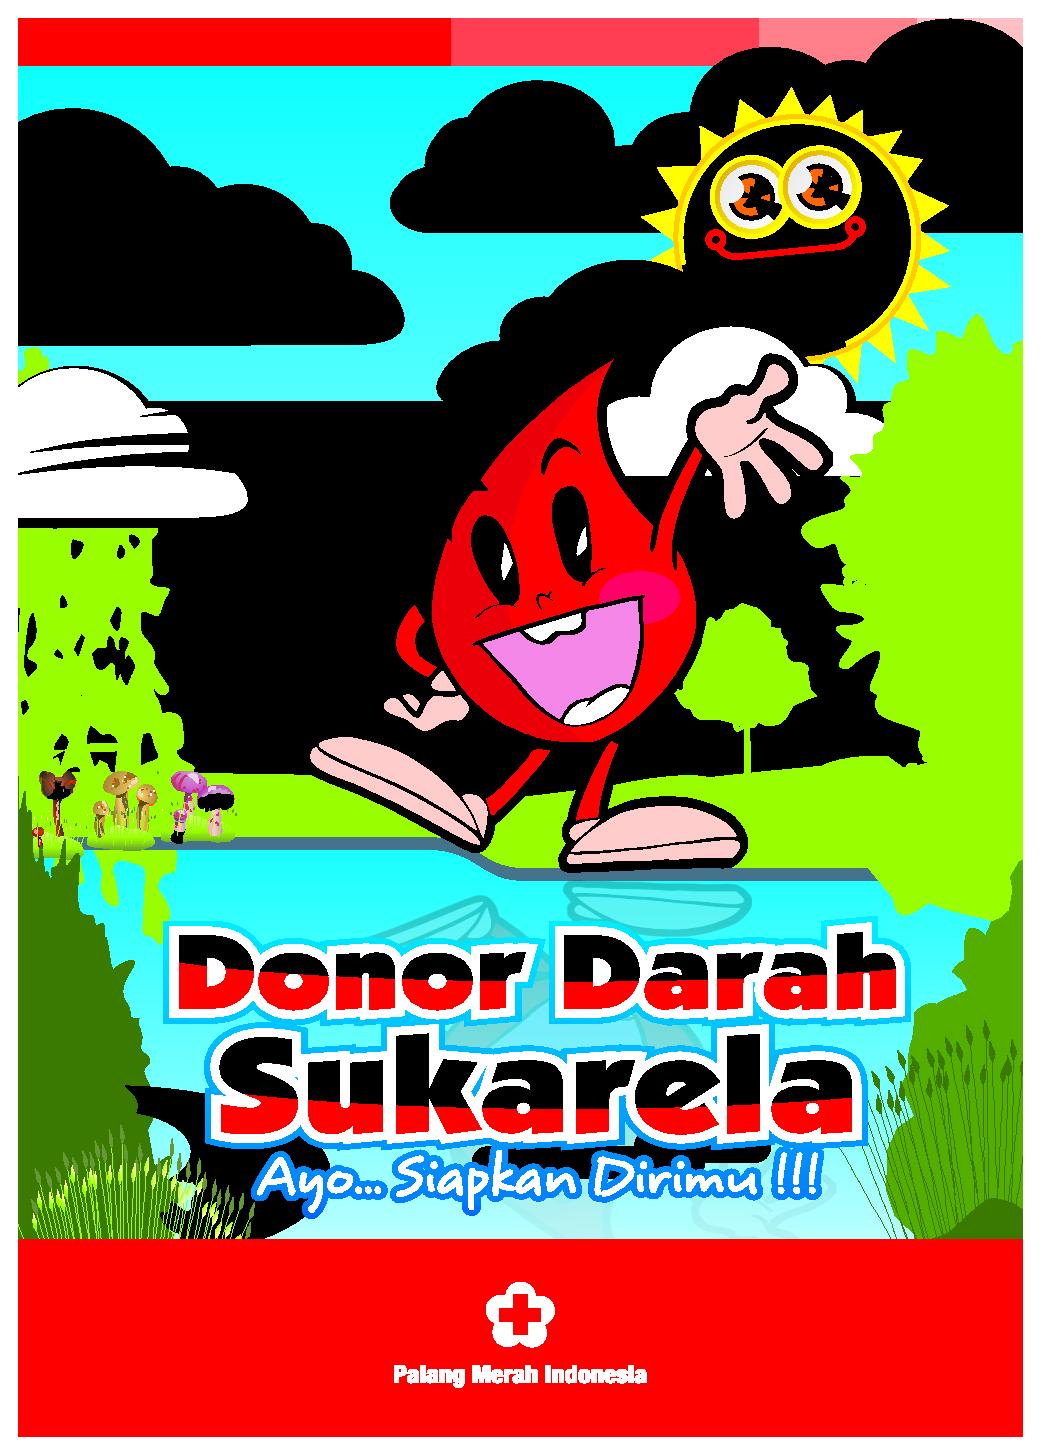 Jadikan Donor Darah sebagai Gaya Hidup, Manfaat Donor Darah Bagi Tubuh dan Kesehatan, Keuntungan Donor Darah, PMI, PMR, KSR, Palang Merah Indonesia